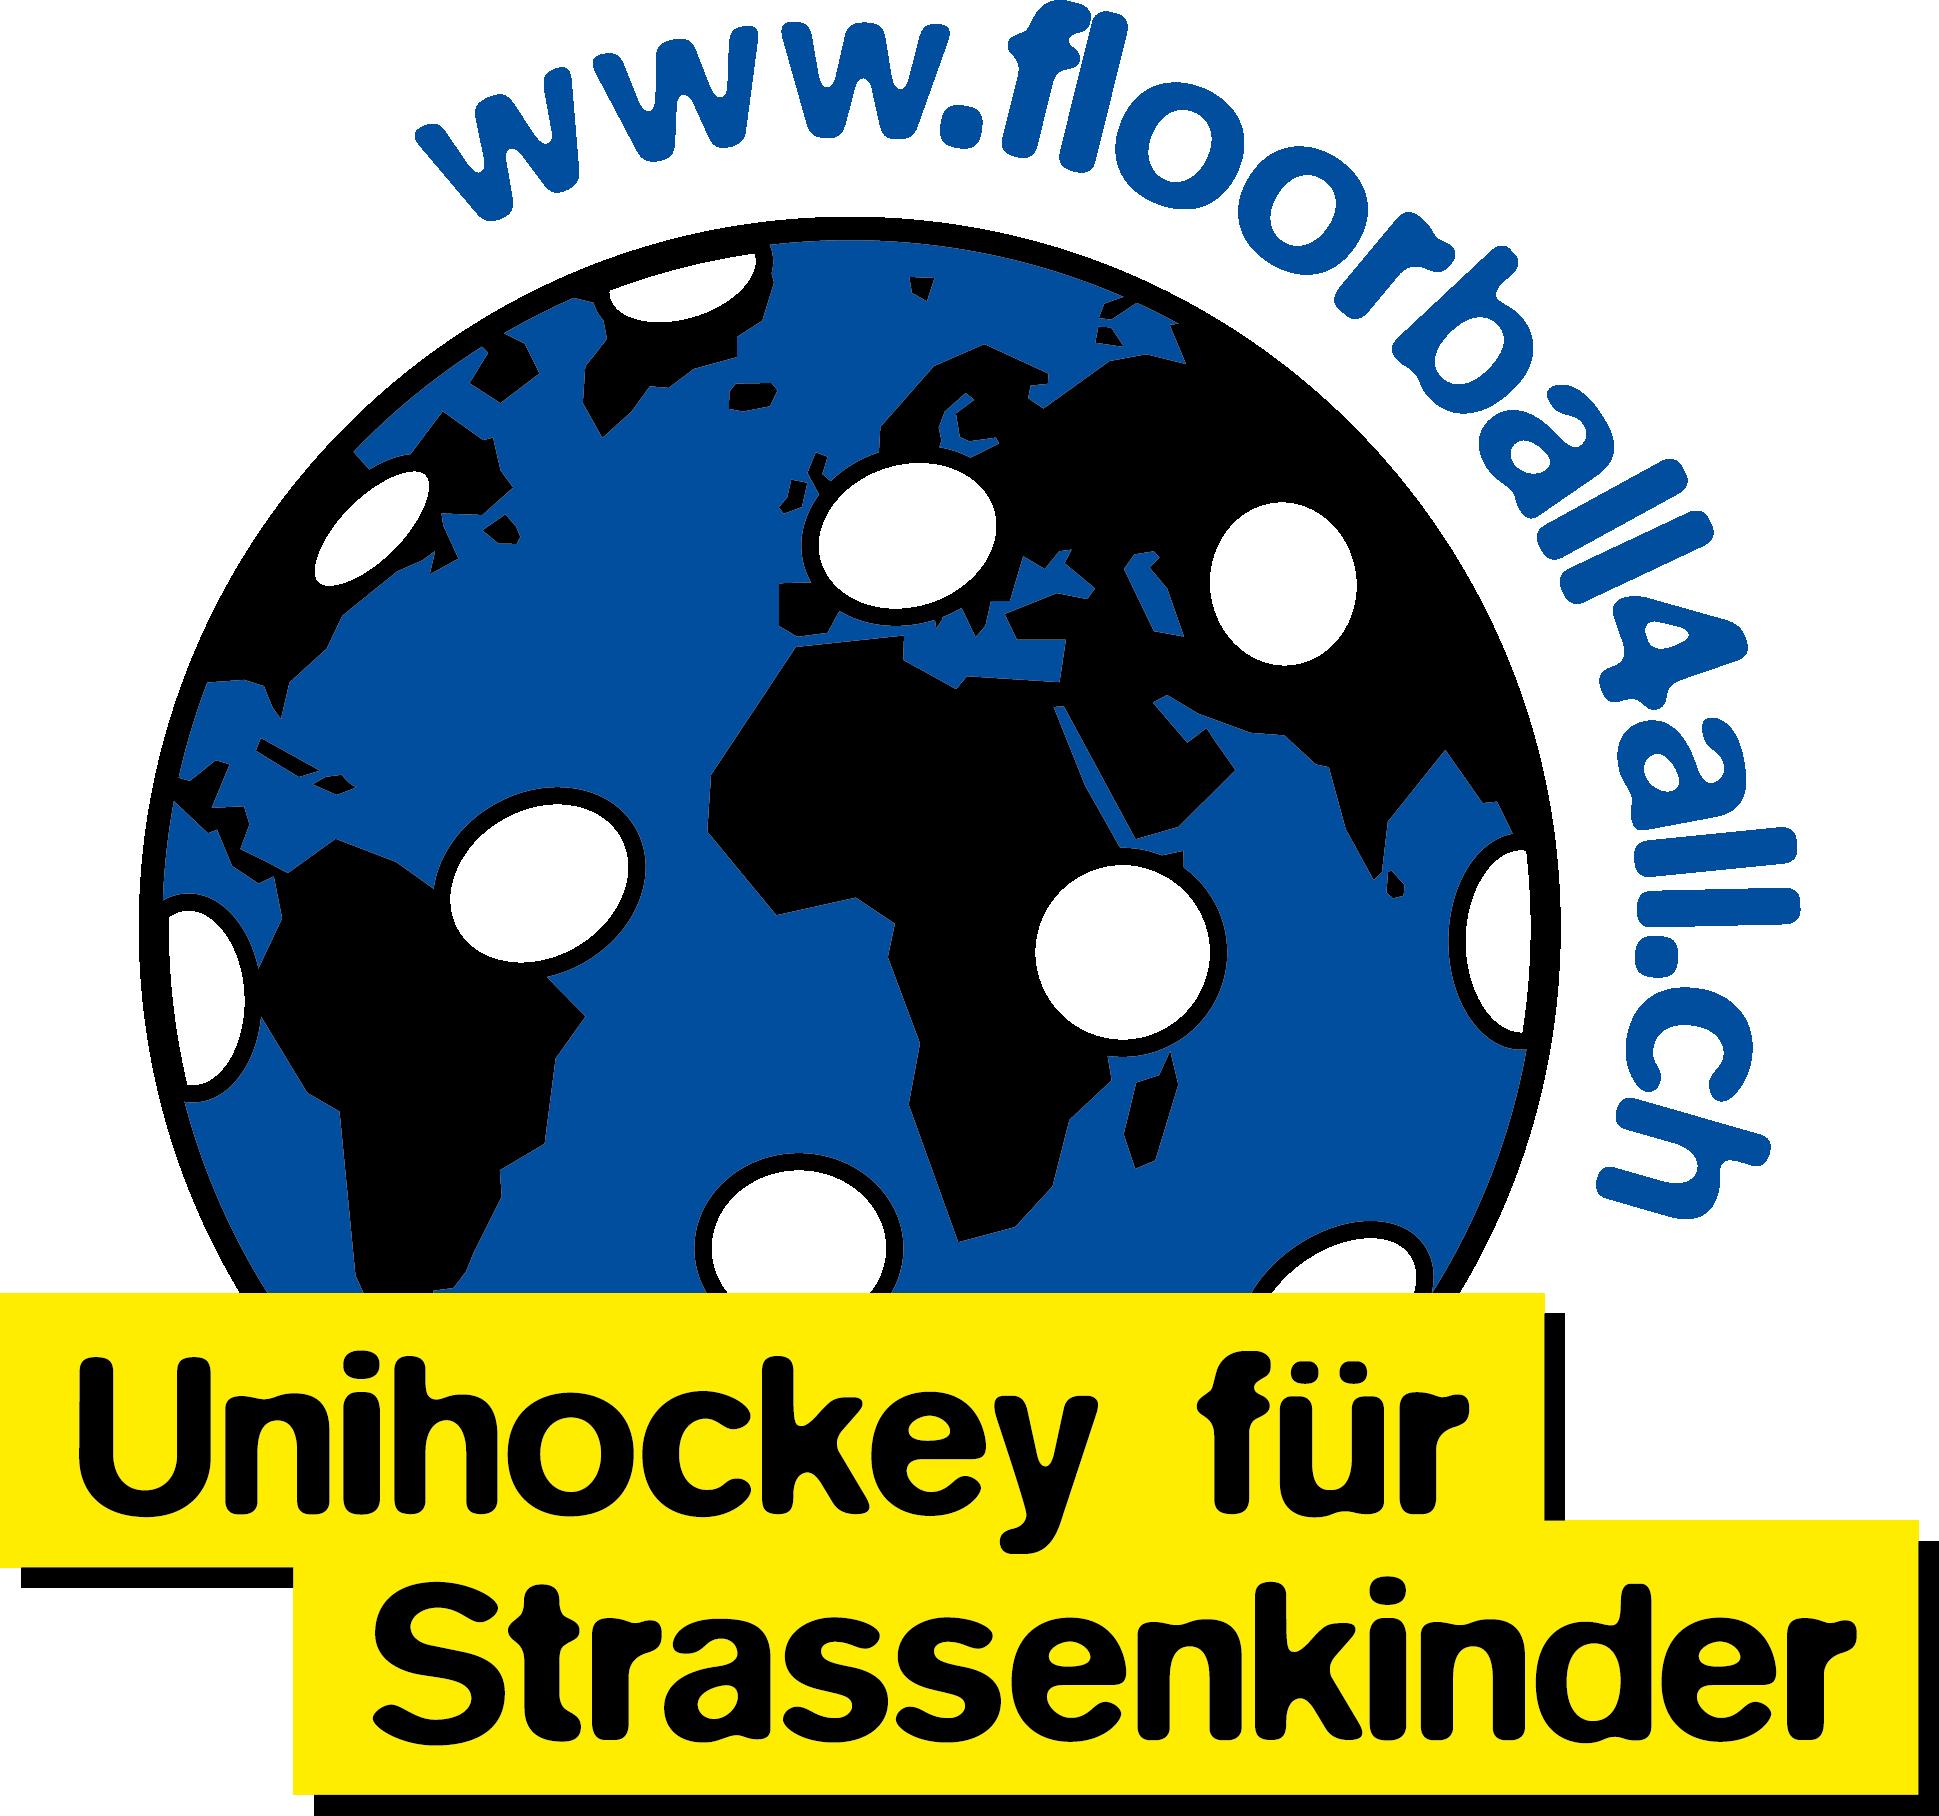 fb4a_logo_transparent_de.png